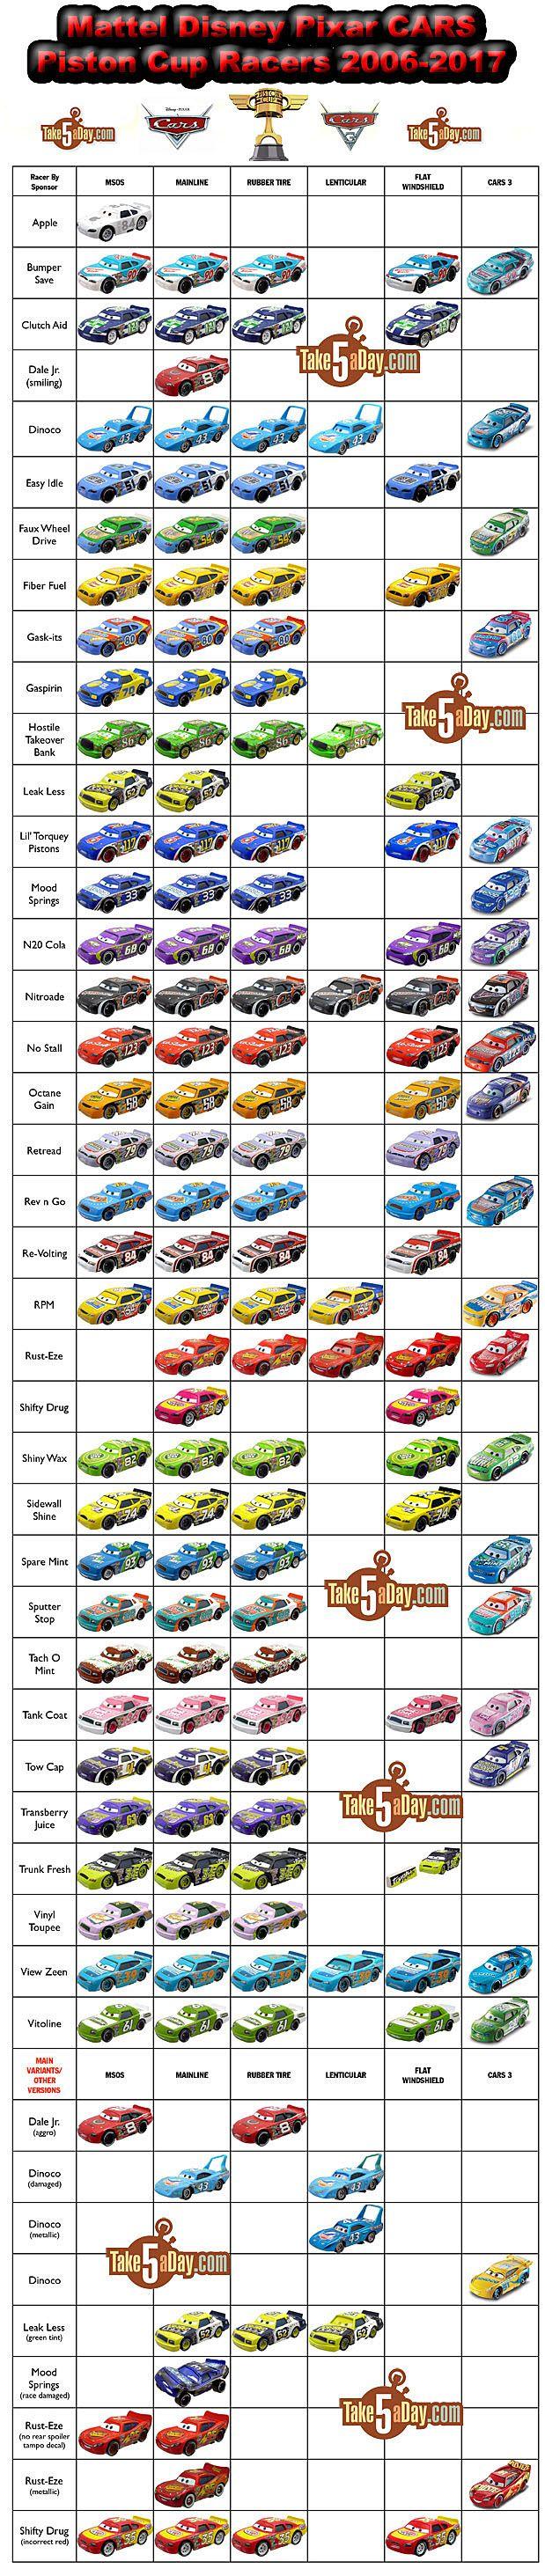 Mattel disney pixar cars 3 piston cup racers cars 1 to cars 3 visual - Mattel Disney Pixar Cars 1 To Cars 3 Piston Cup Racers Complete Checklist